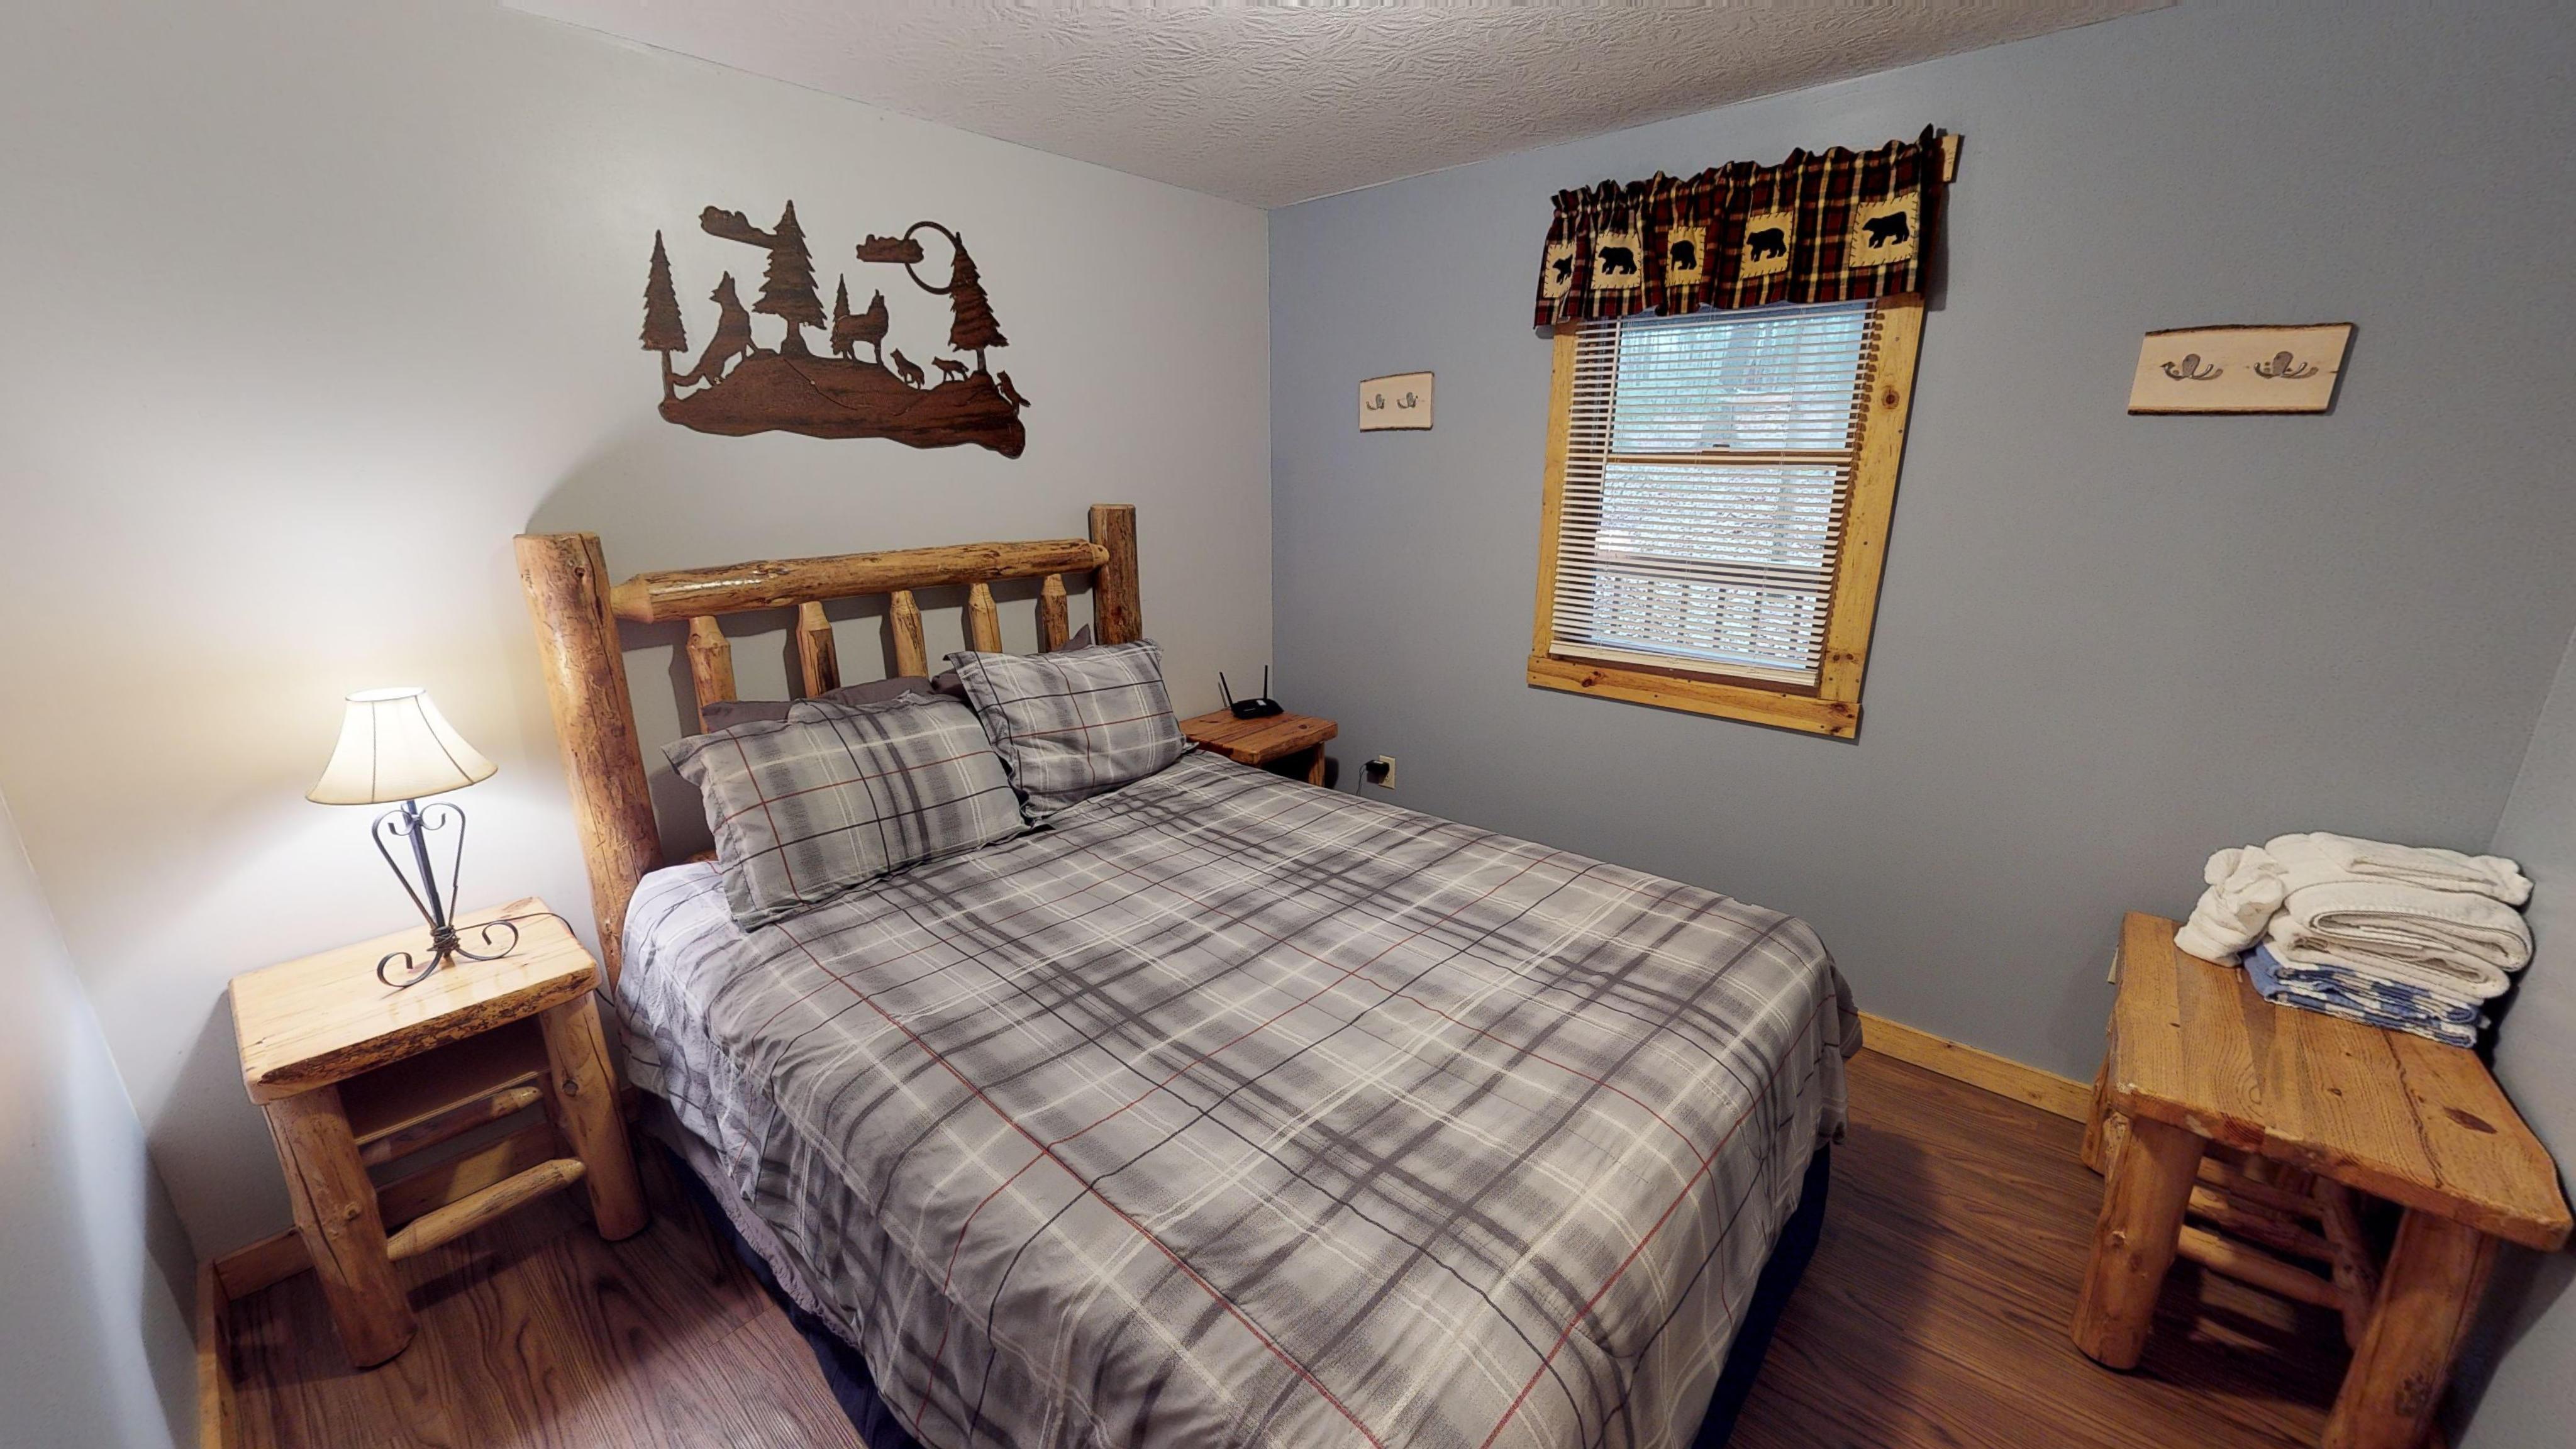 Photo 619_10258.jpg - Queen log bed